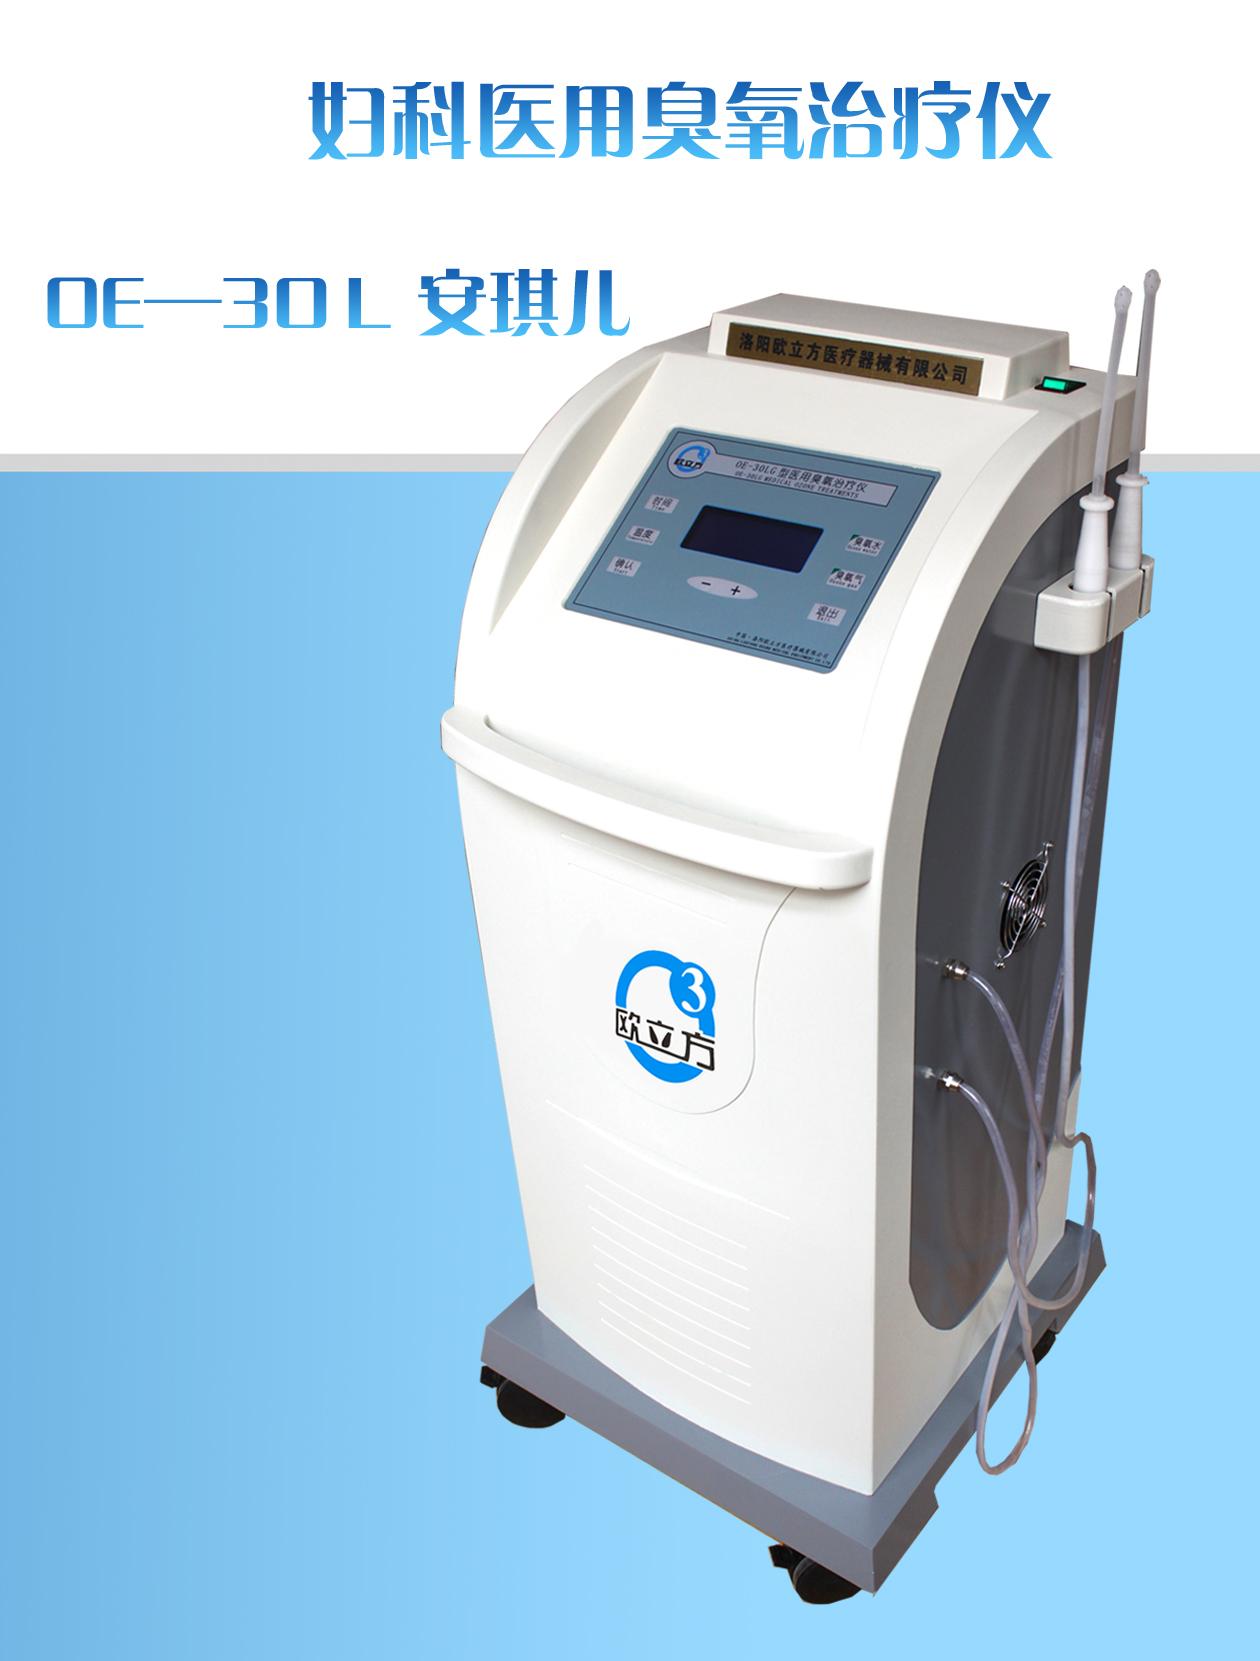 欧立方 OE-30L 弥赛亚I 妇科医用臭氧治疗仪